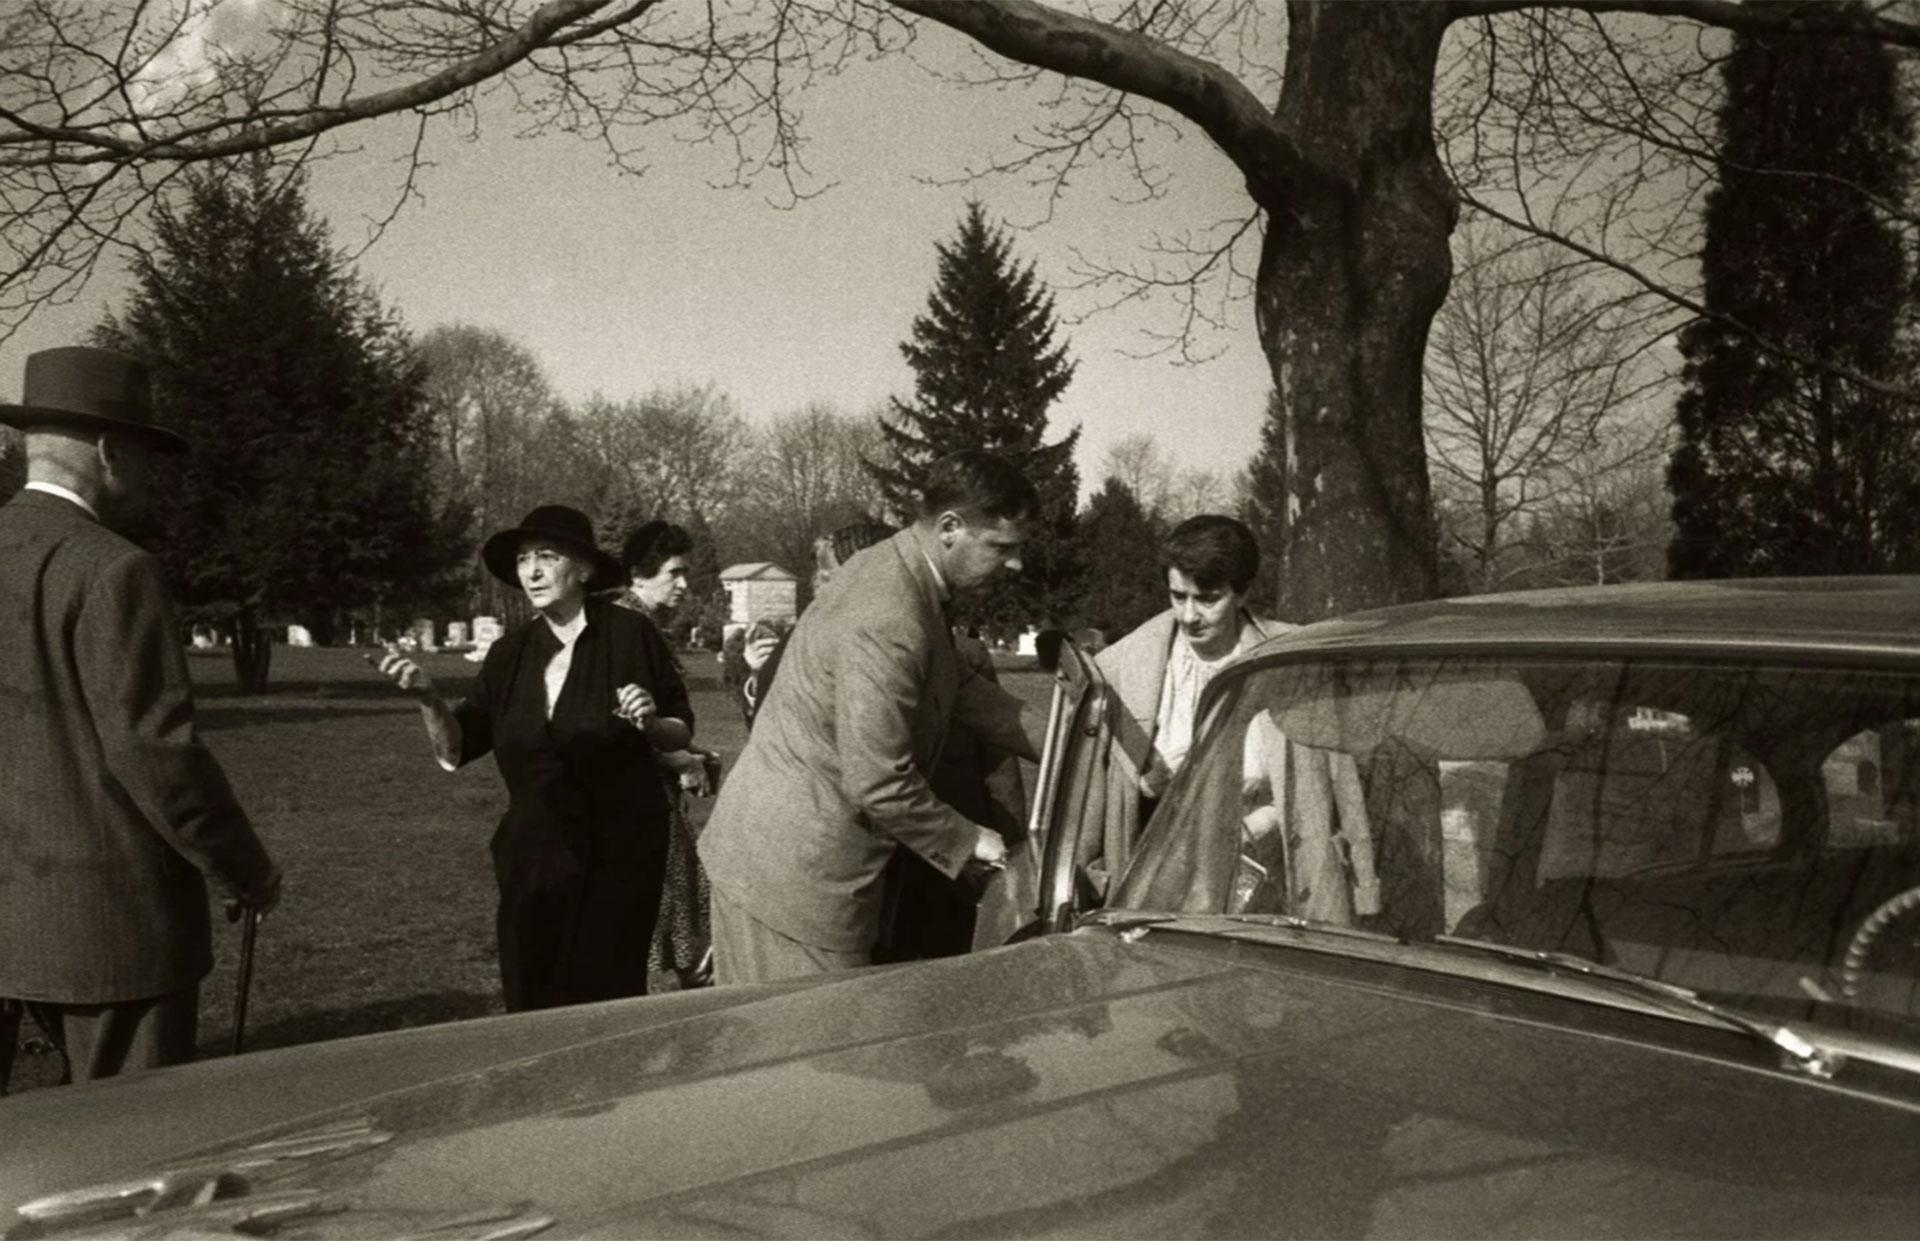 La secretaria de Einstein, Helen Dukas, ingresa al automóvil tras el breve servicio fúnebre.